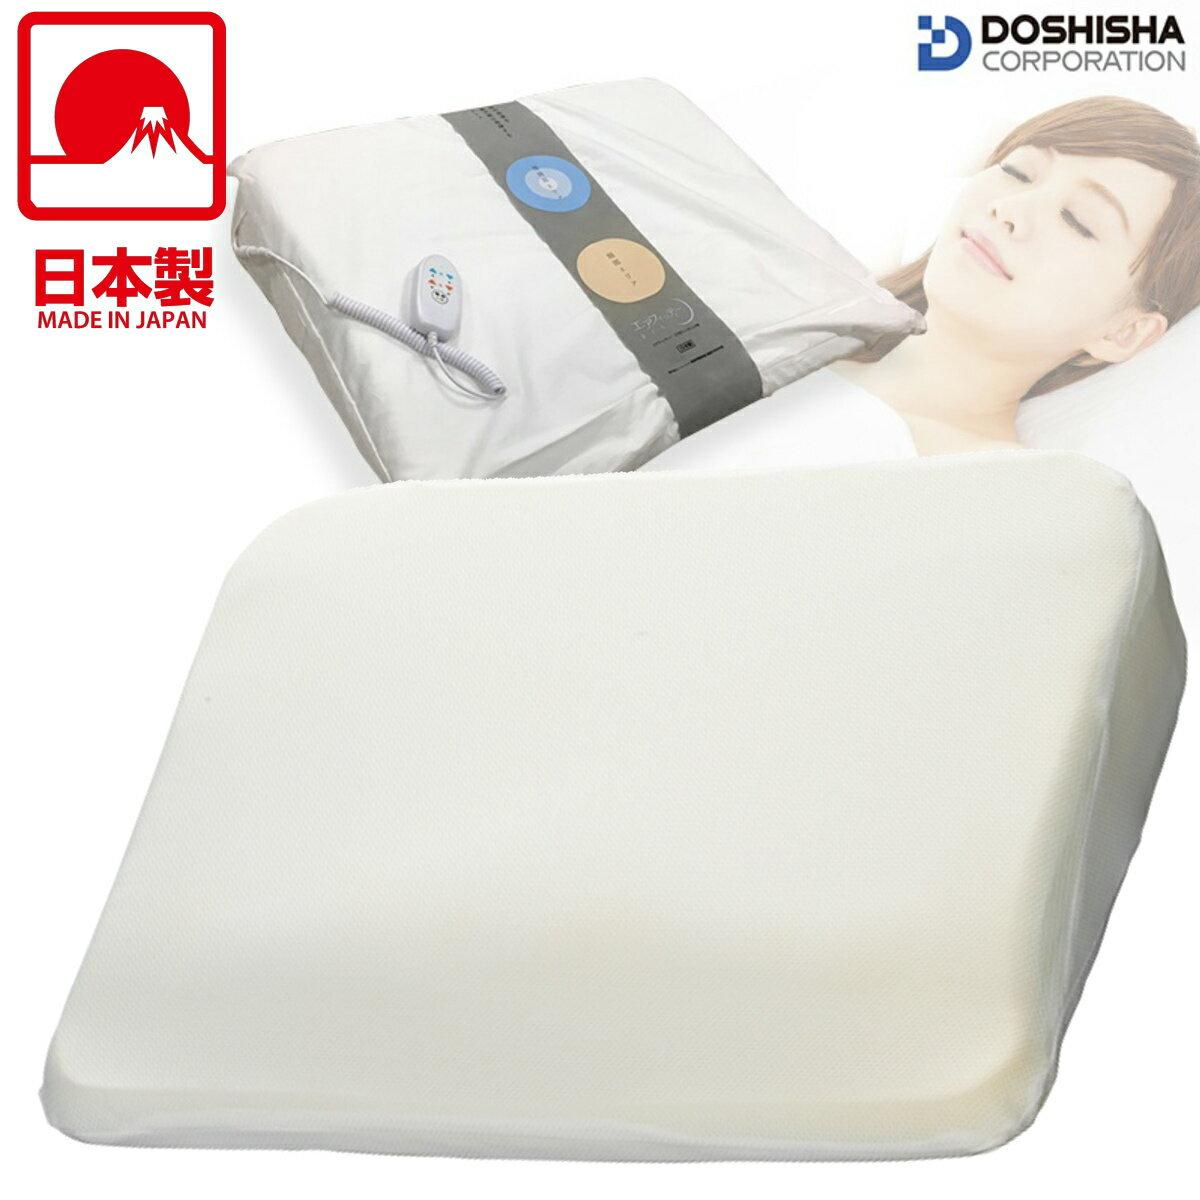 ドウシシャ睡眠科学研究室 | 高さ調節枕 DAP-1601 | エア式まくら エアフィッティー | エアフィット枕 | 電動枕 メディカル枕